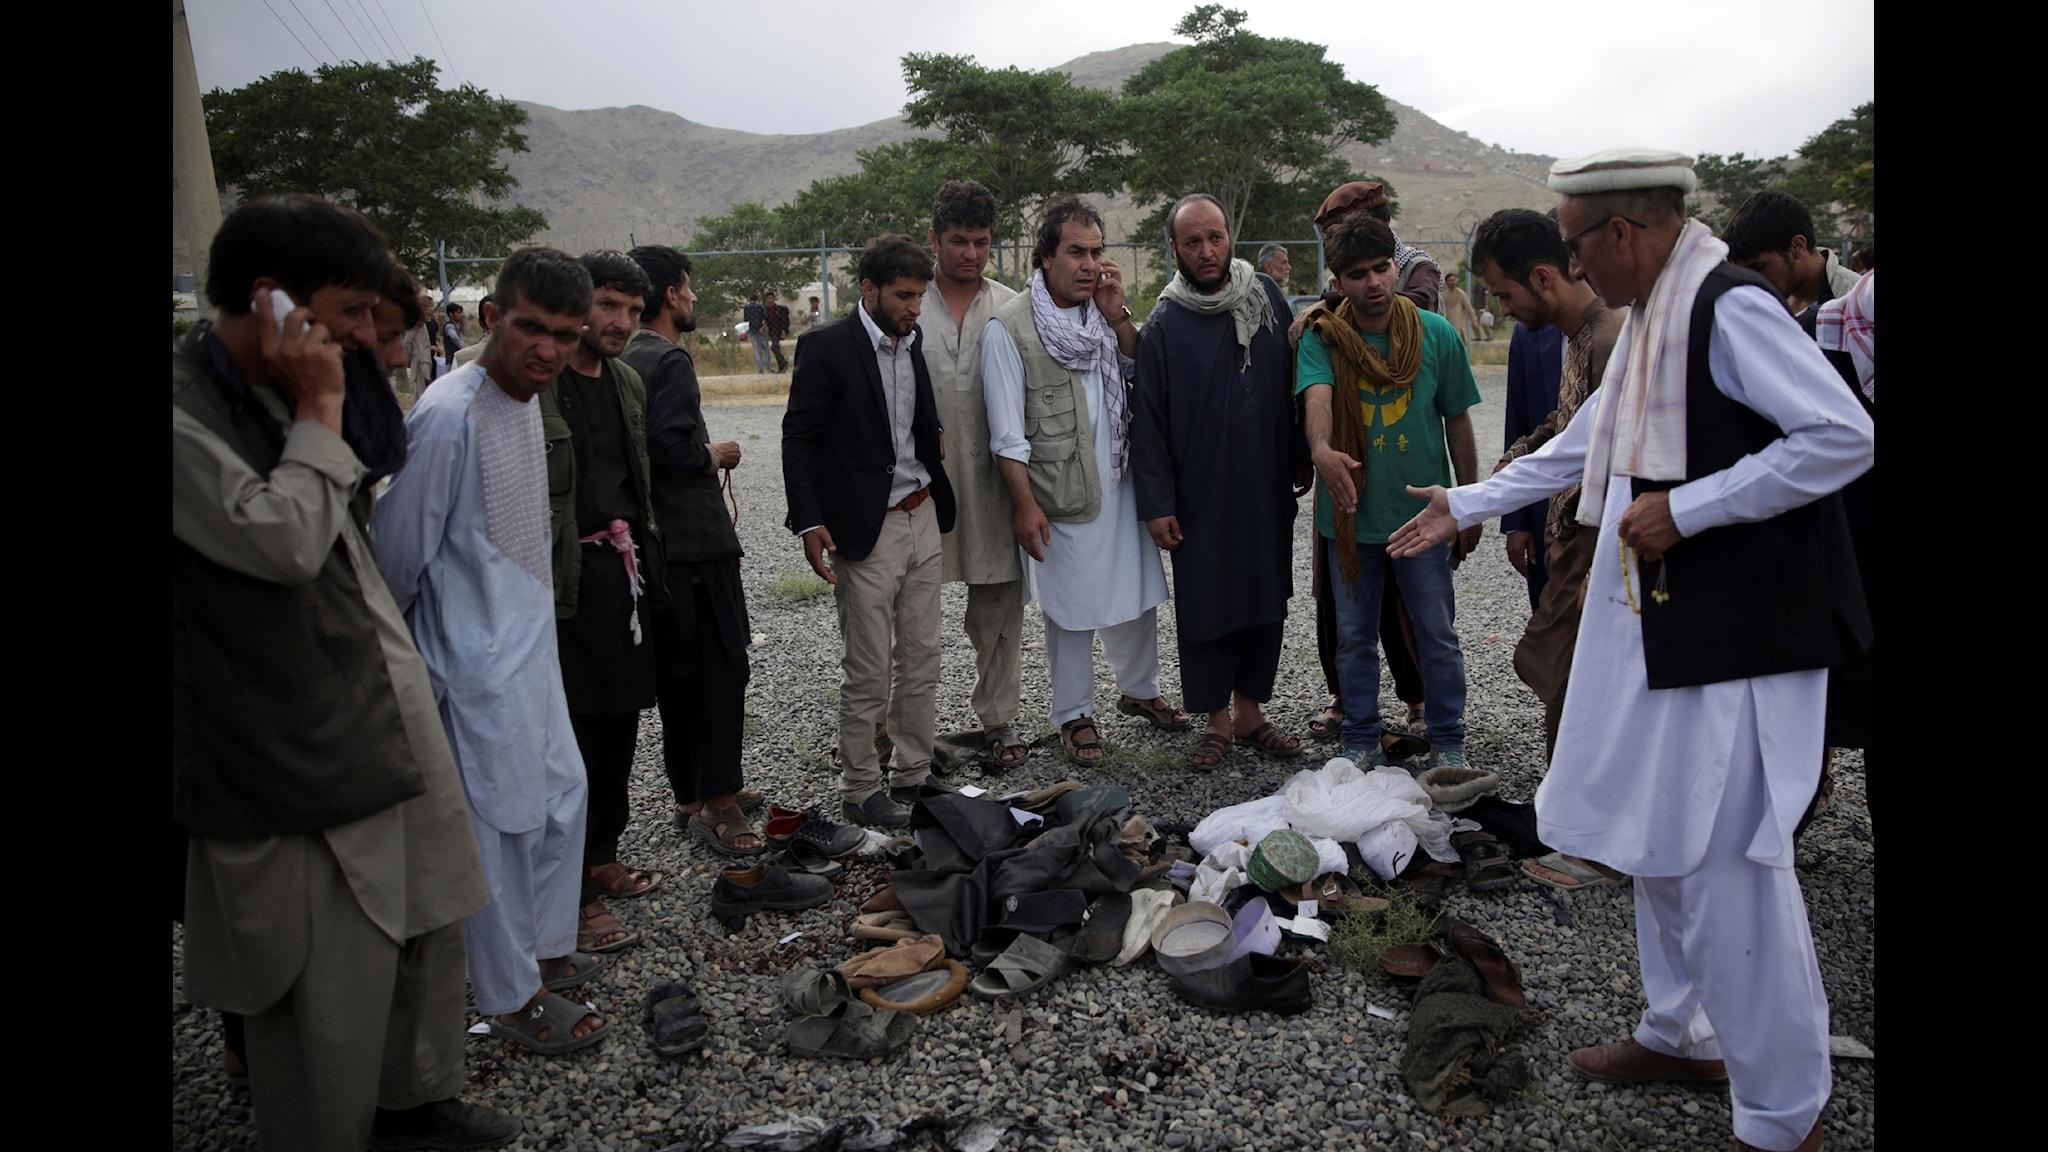 Männen försöker identifiera offren efter terrordådet mot den begravning i Kabul där den unga mannen enligt Blankspots uppgifter skulle ha dödats.